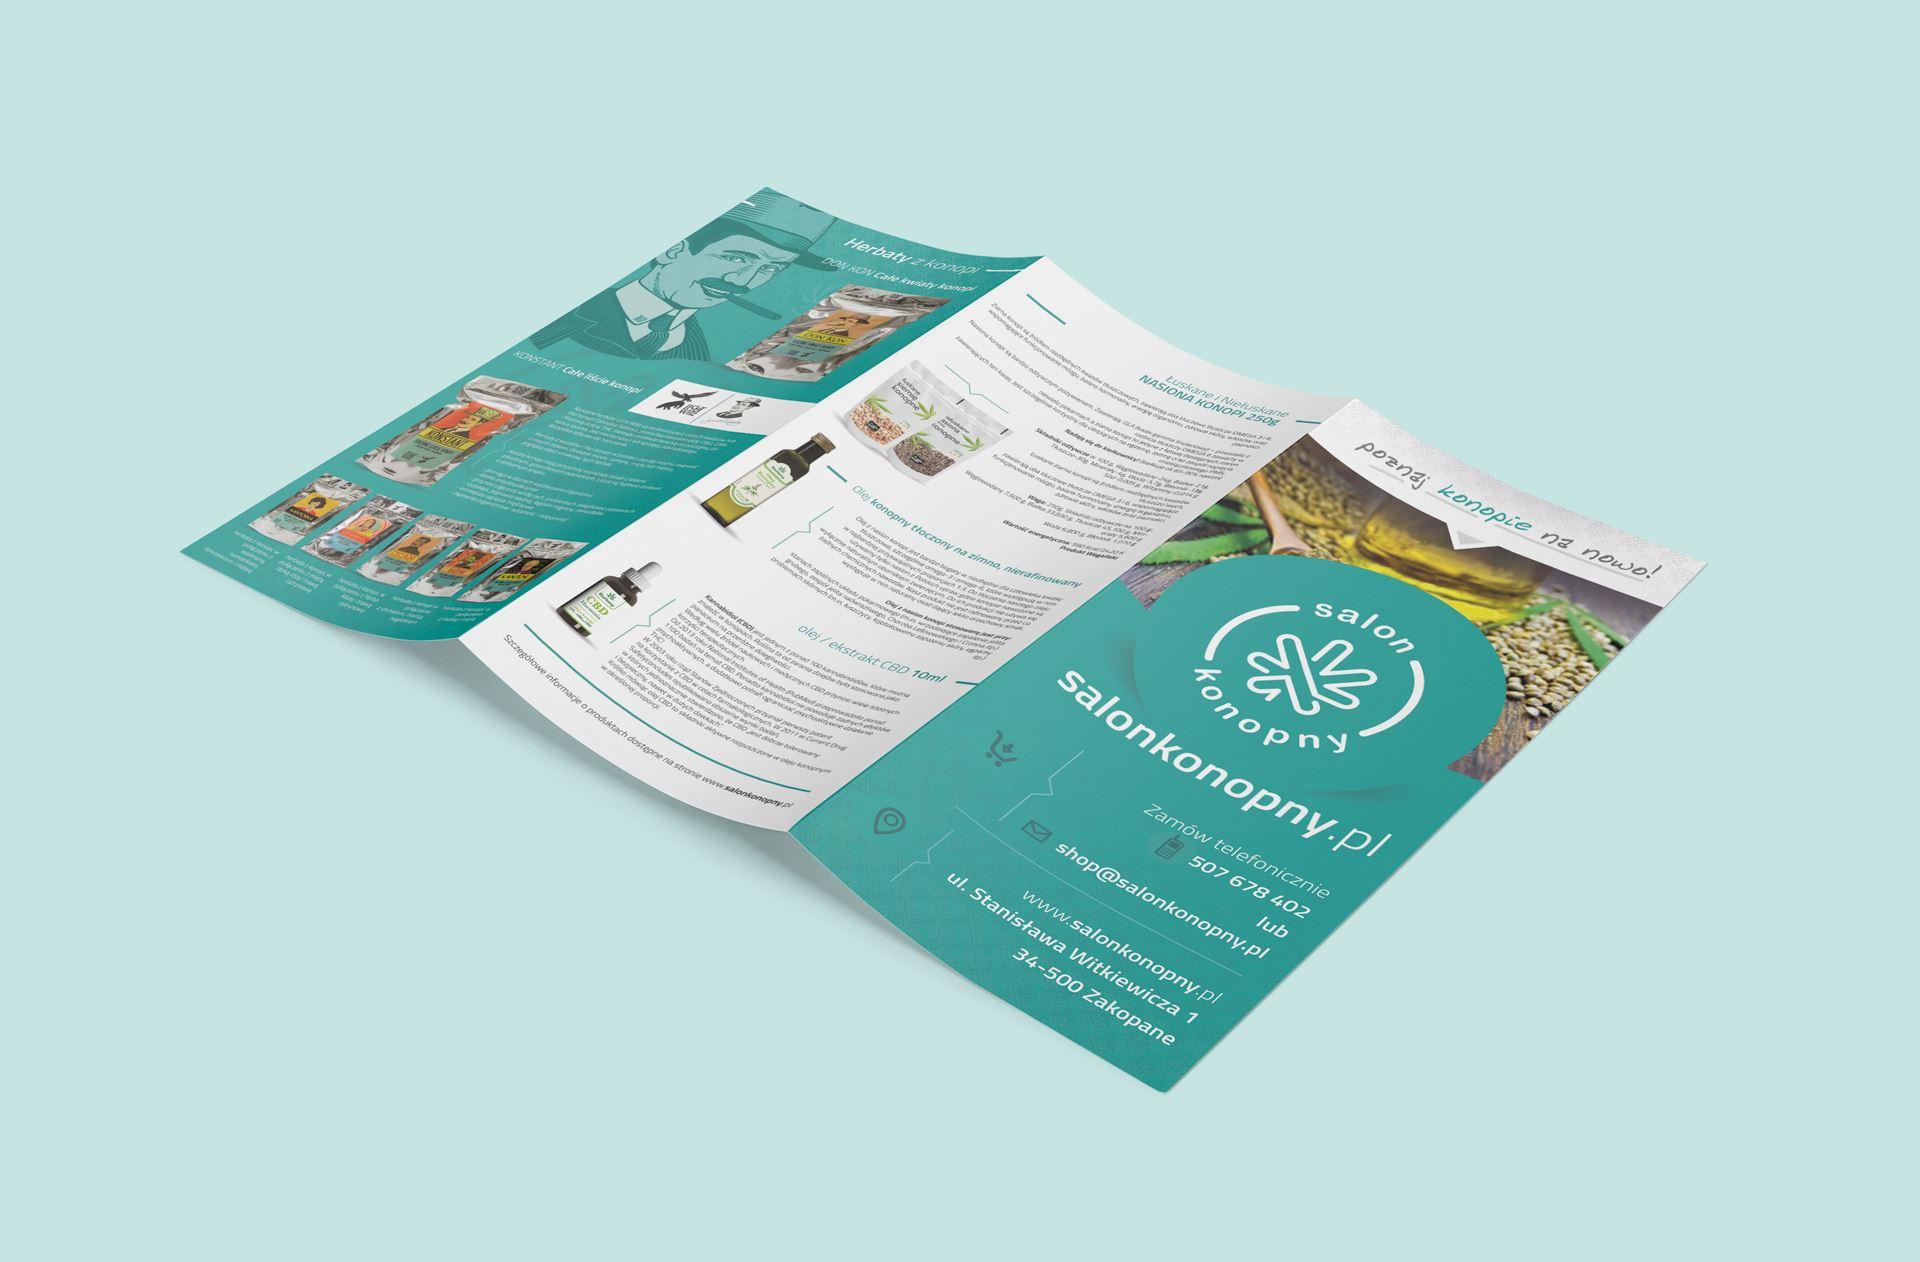 salonkonopny.pl 3 fold flyer mockup 011